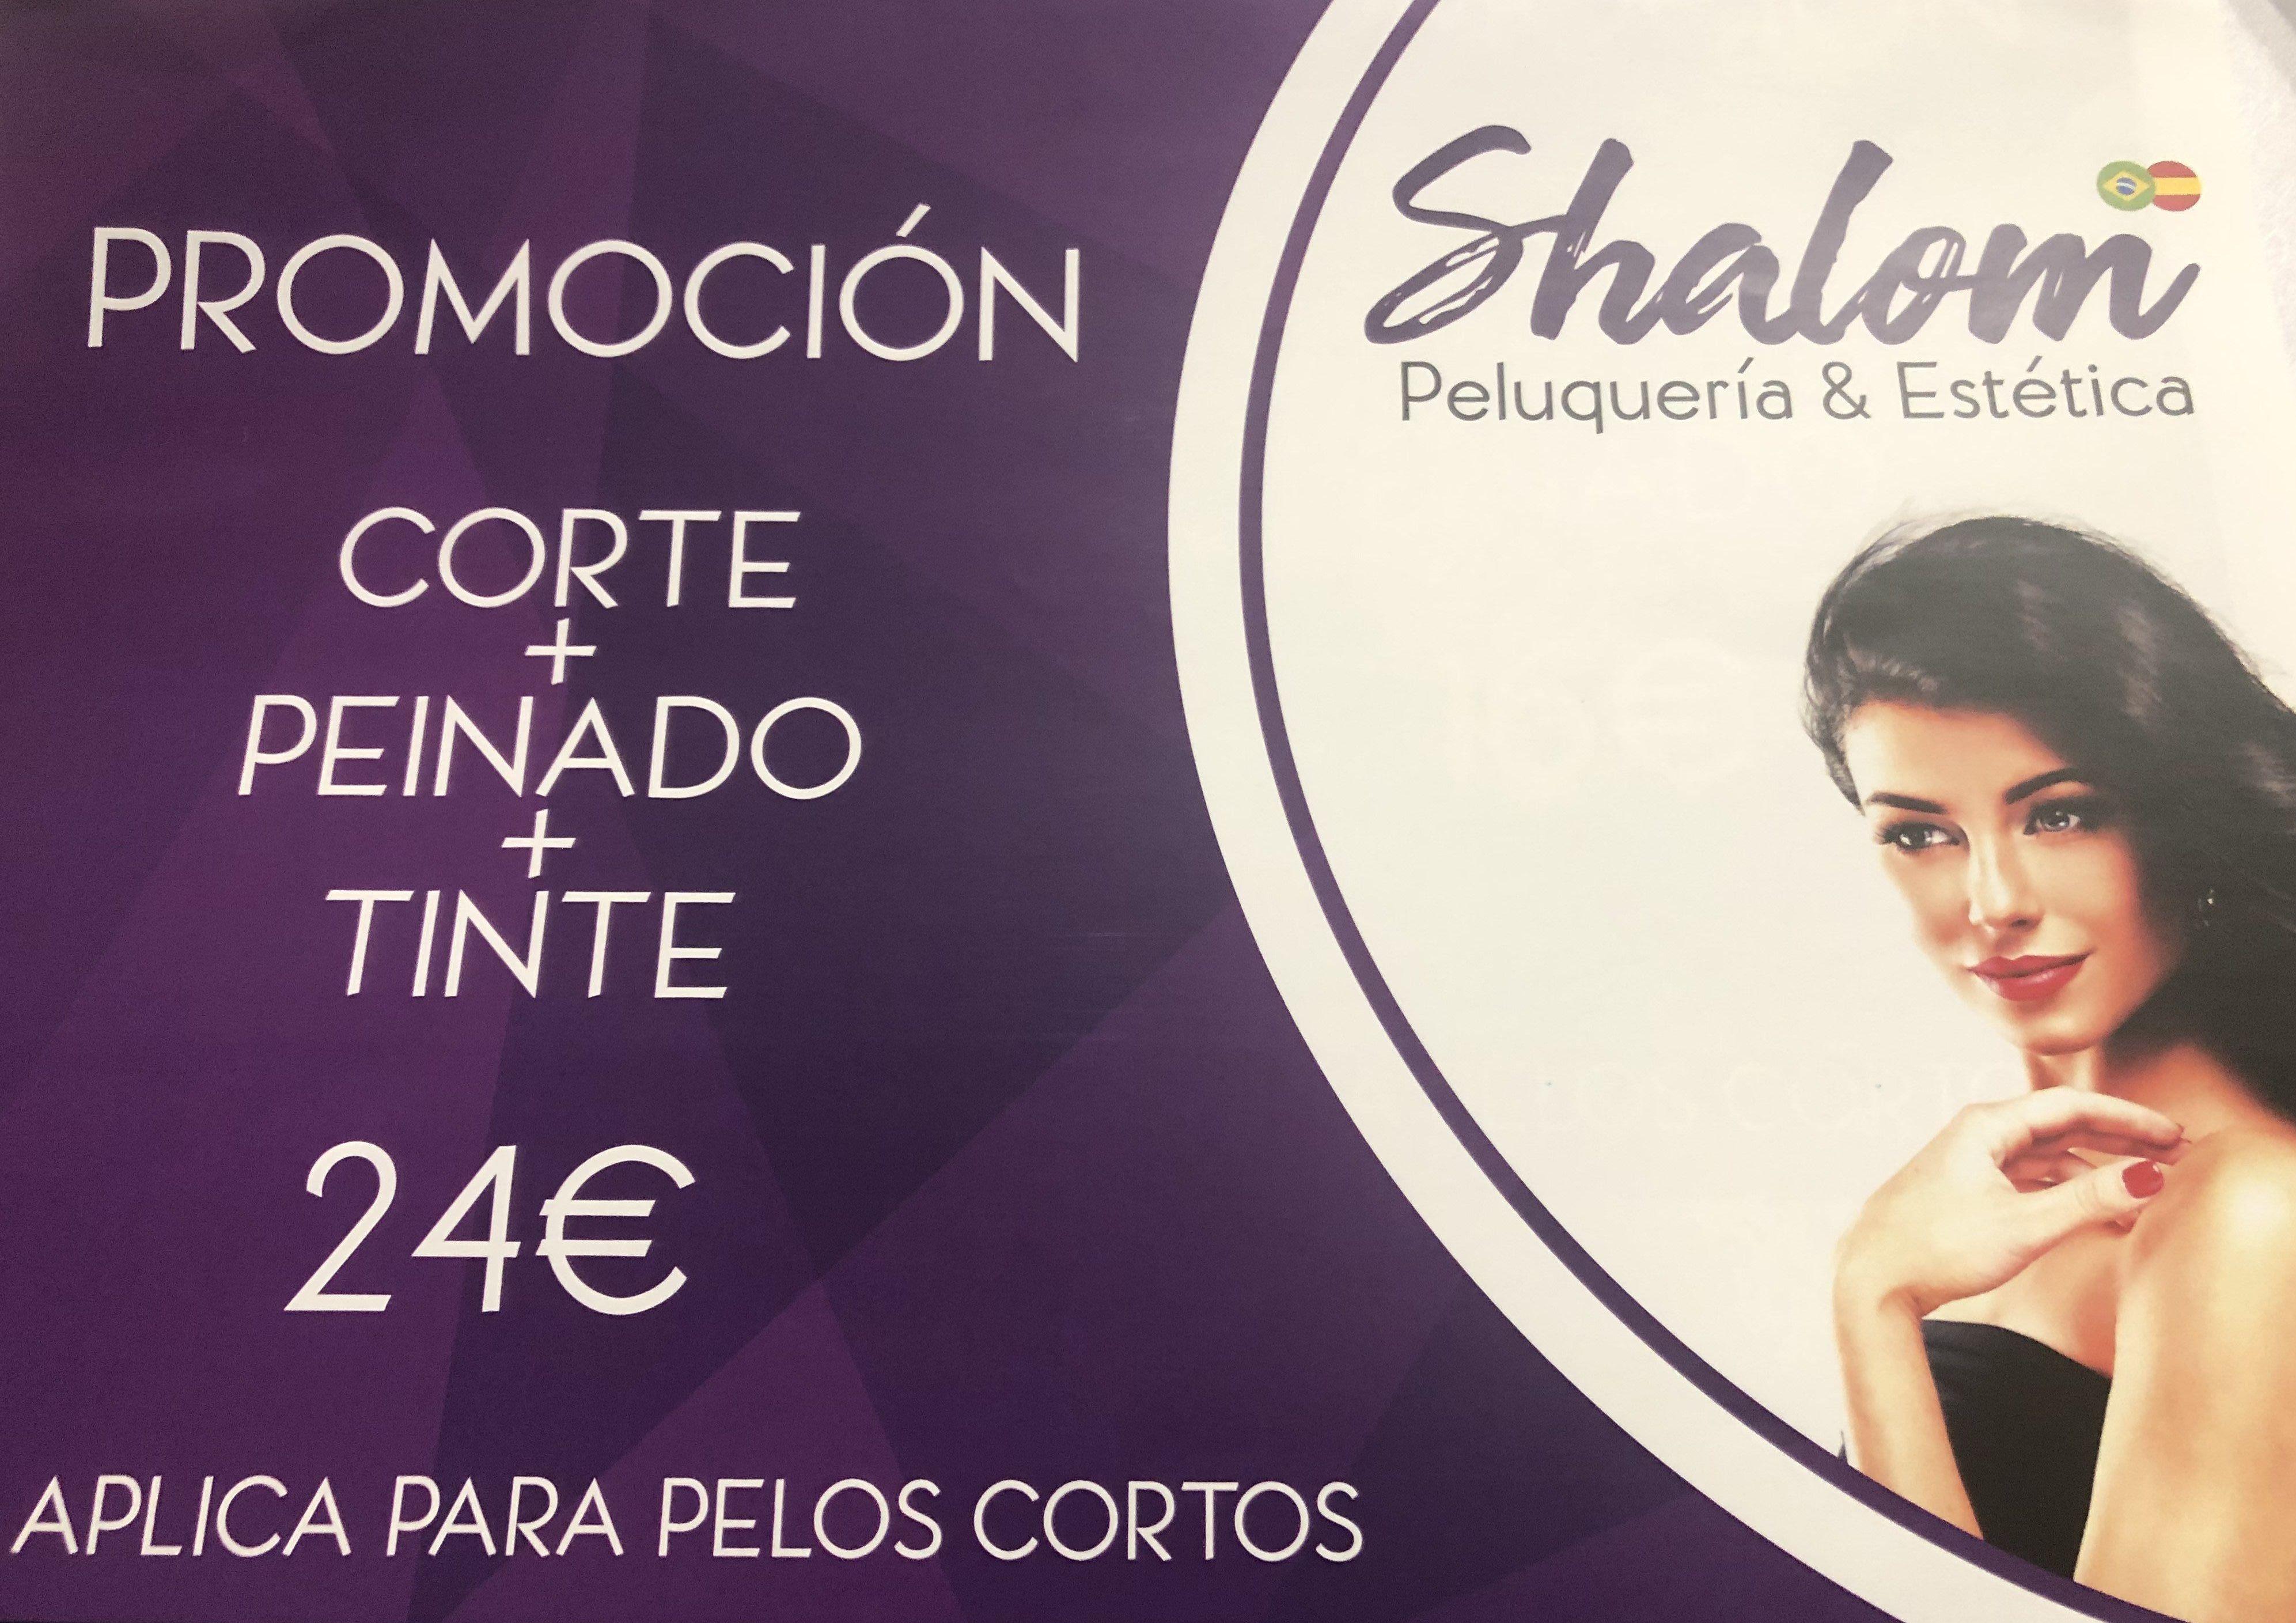 Peluquería y estética en Logroño